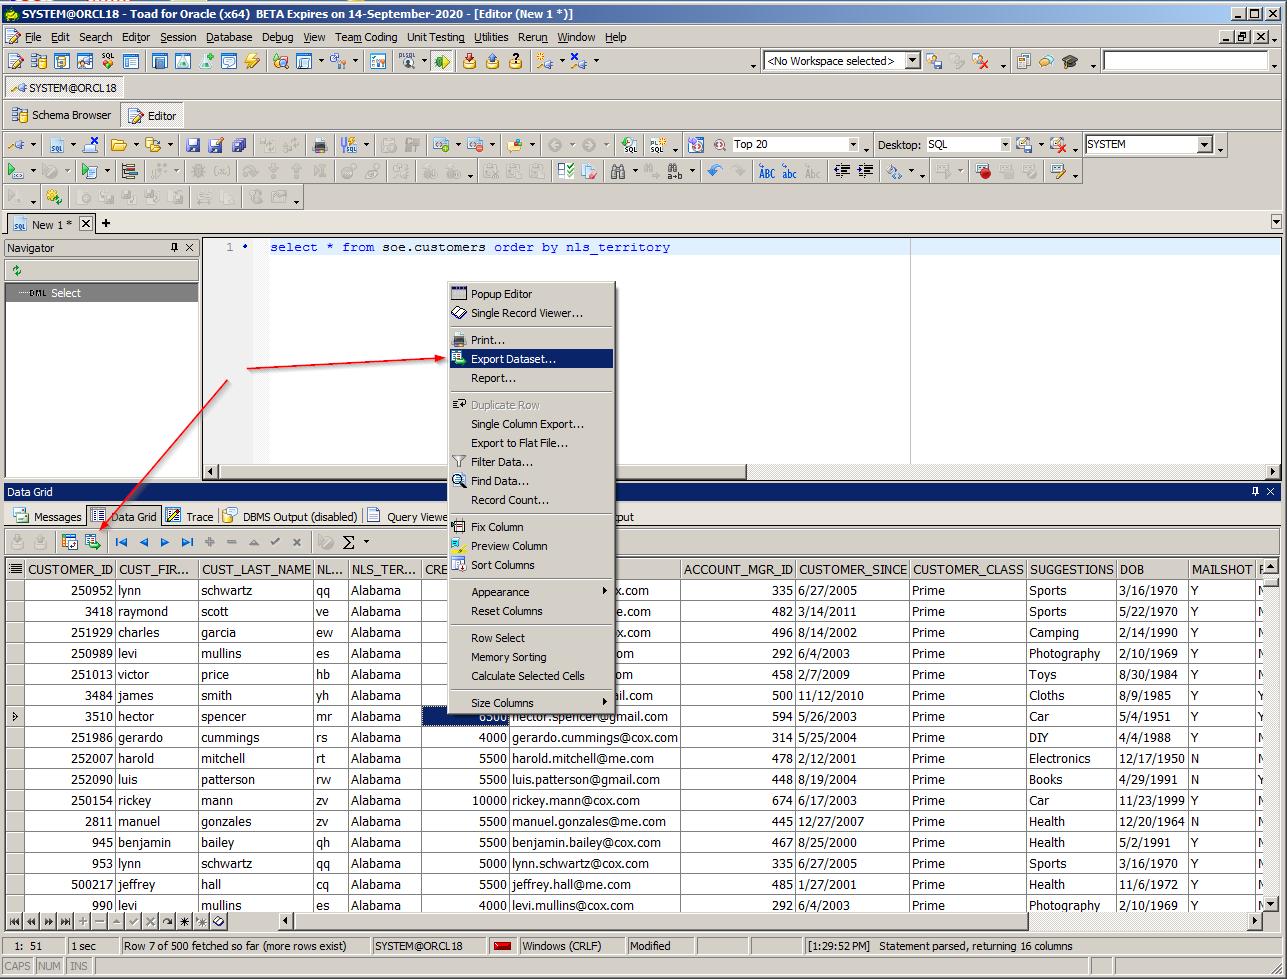 Invoke theExport Datasetwizard, then select the pop-up menu's Export Dataset option as shown below inFigure 2.